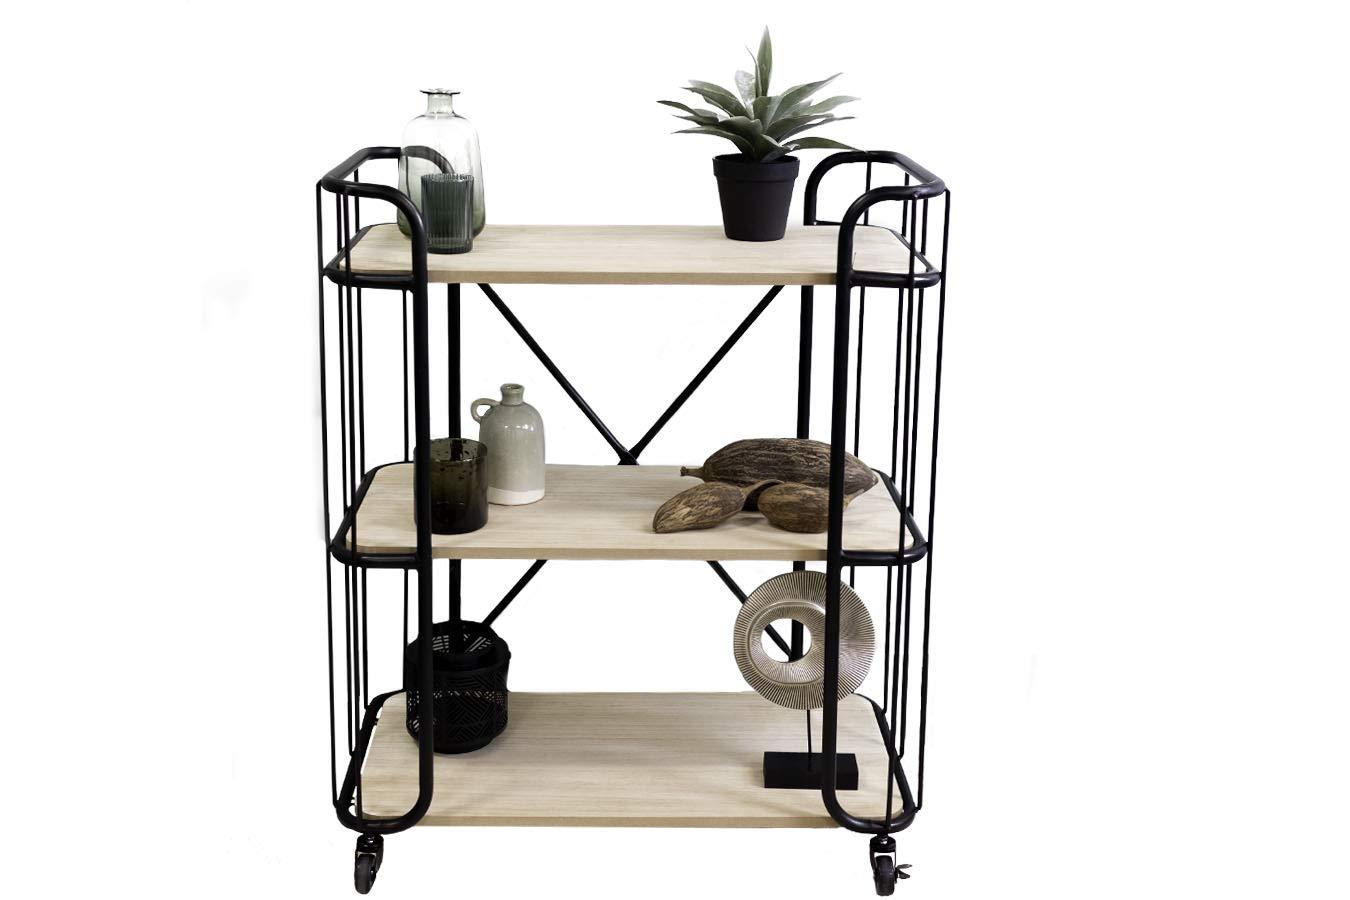 LIFA LIVING® Carro de cocina multifuncional   Carrito de cocina con ruedas bloqueables   Carro de metal con 3 estantes para ahorrar espacio   Carro de ...